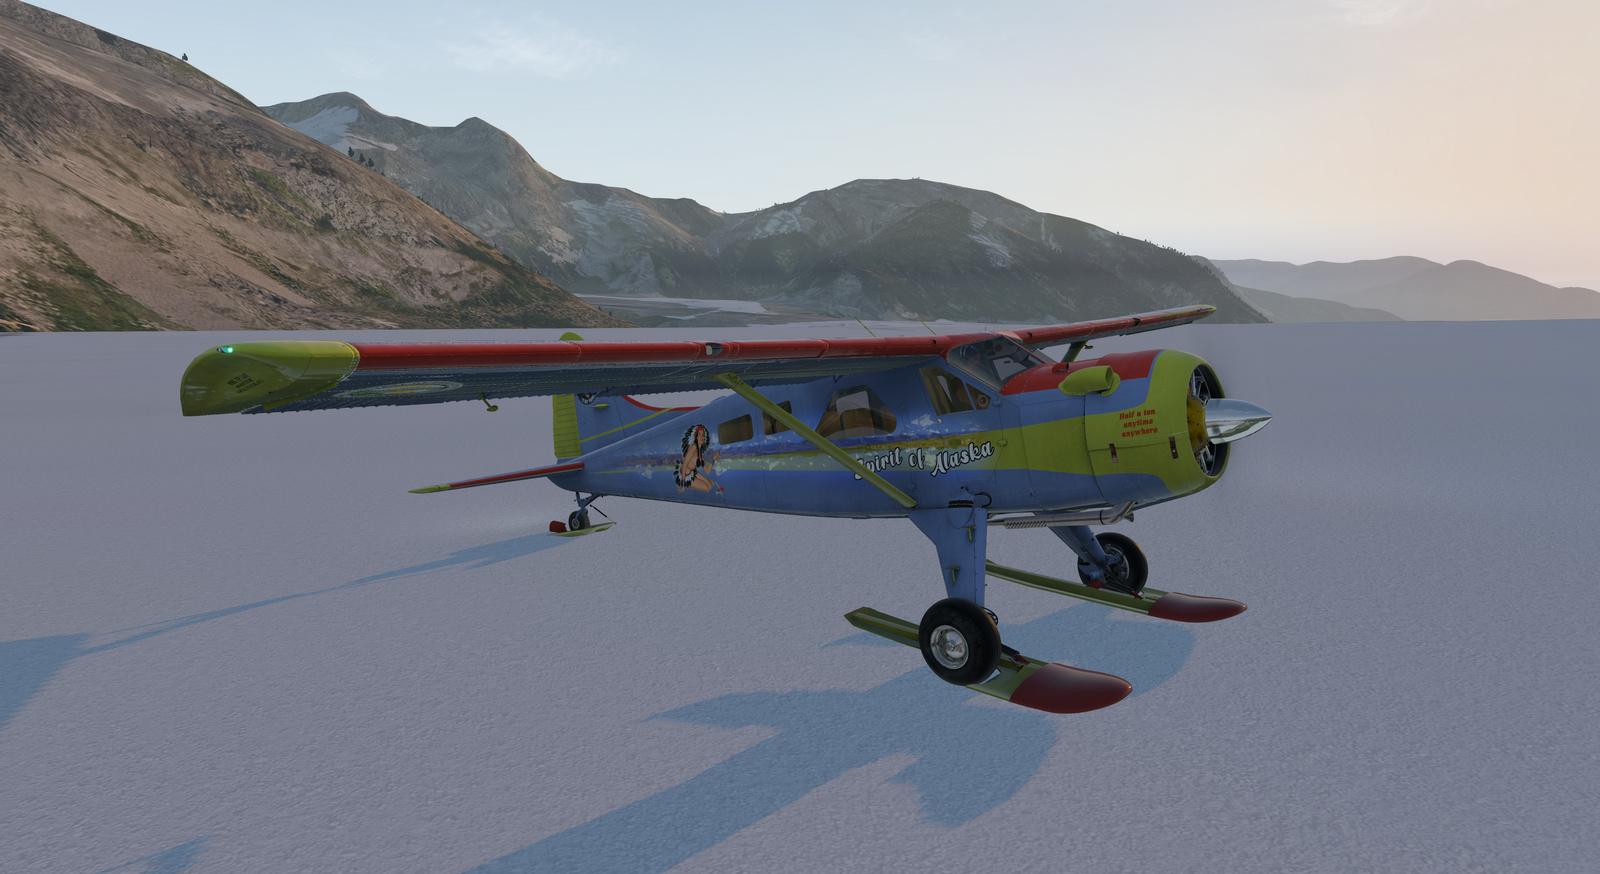 Spirit of Alaska repaint for Thranda DHC-2 Beaver for X-Plane 11, ski version, image 10/20